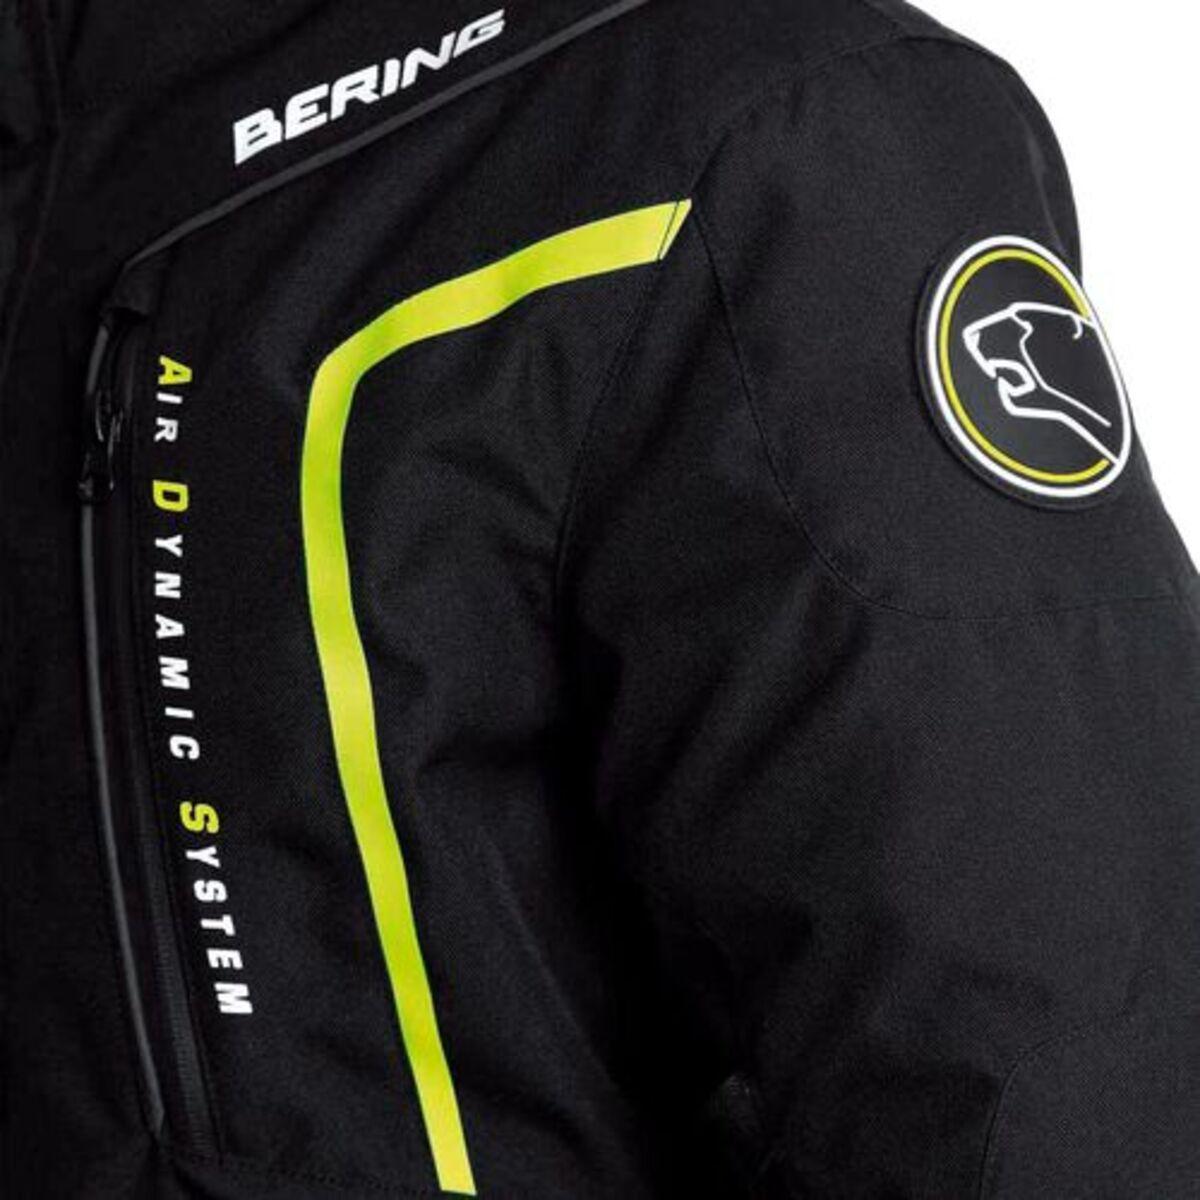 Bild 2 von Bering            Ralf Textil Motorradjacke schwarz/gelb